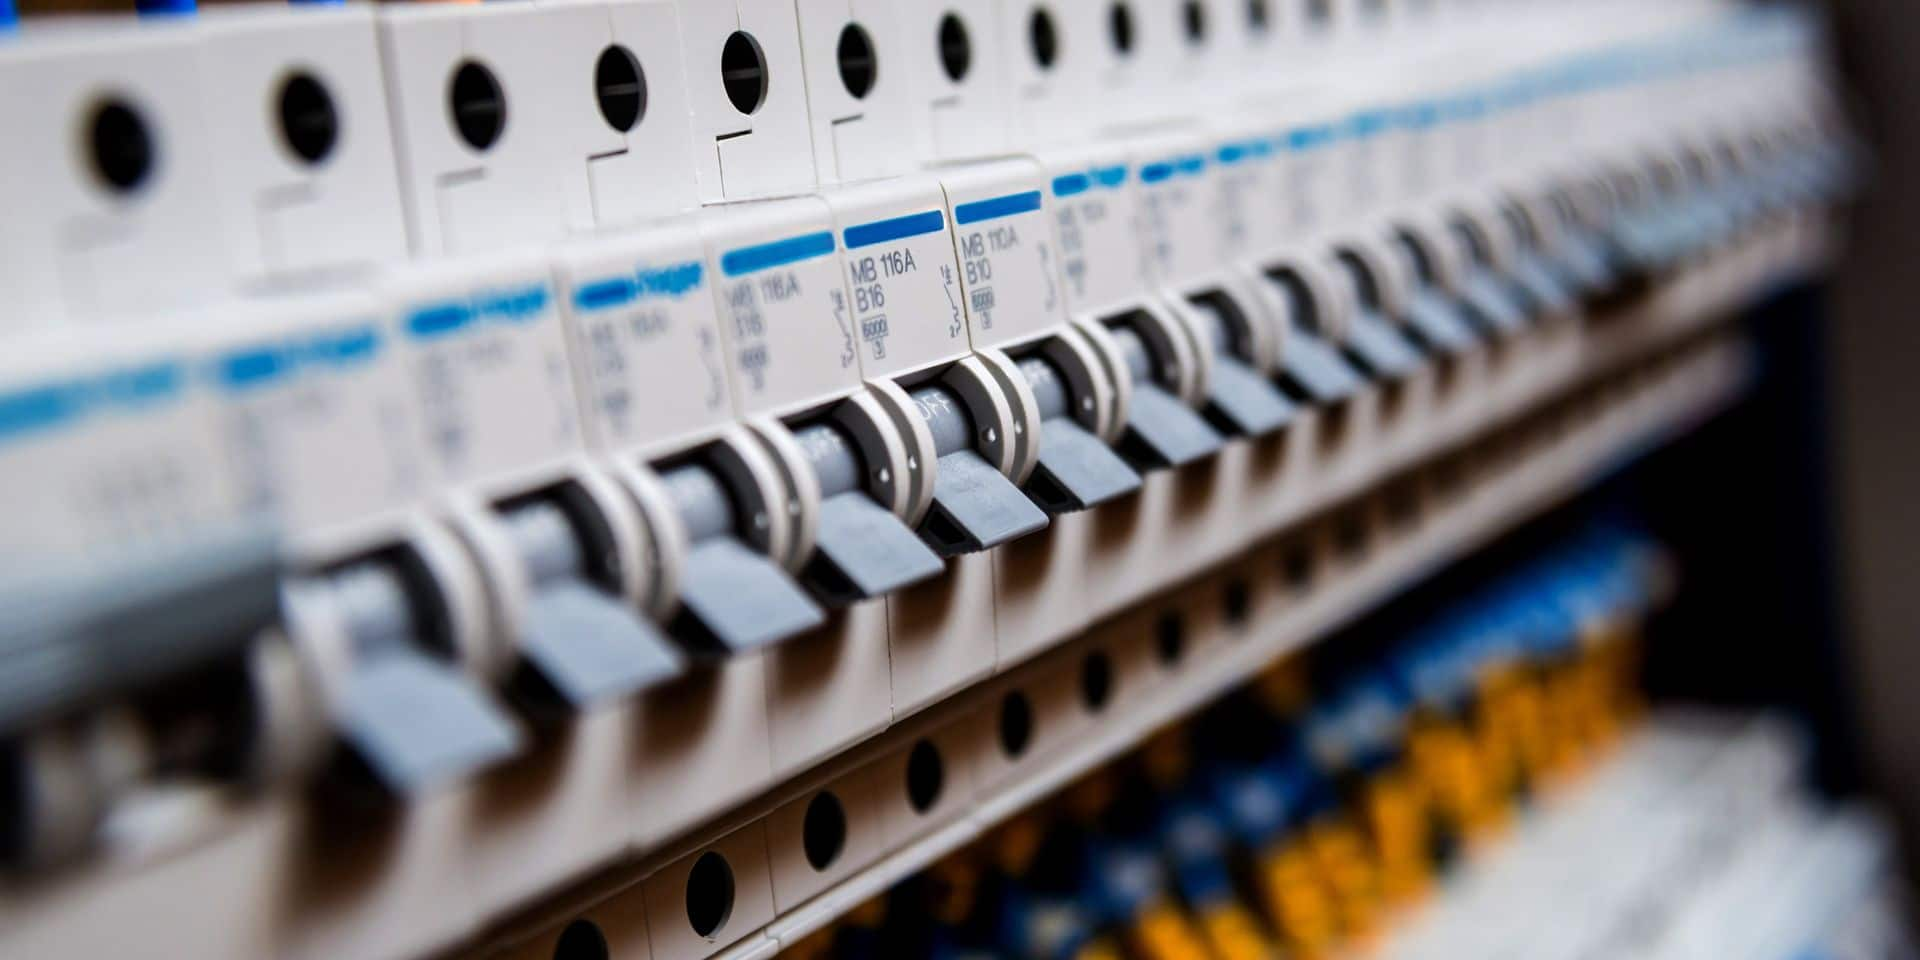 Le fournisseur d'énergie Essent est à vendre en Belgique